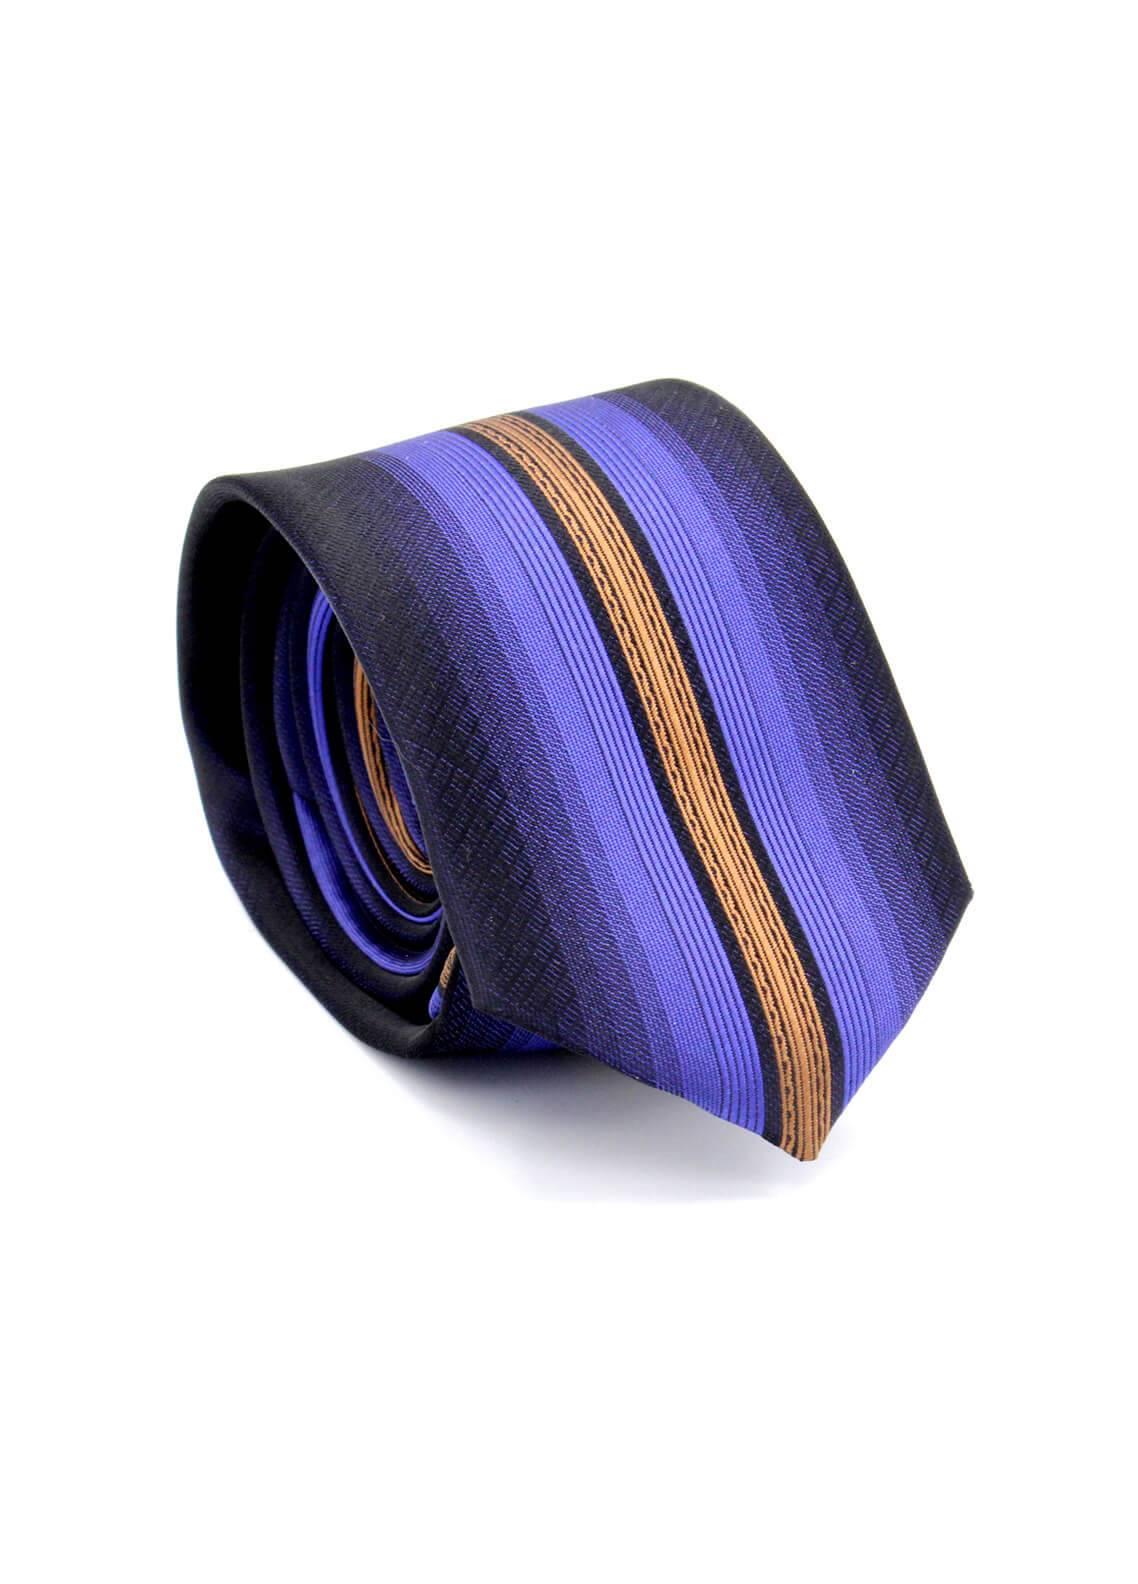 Skangen Multi-Patterned Wool Neck Tie Neck Tie SKTI-S-015 -